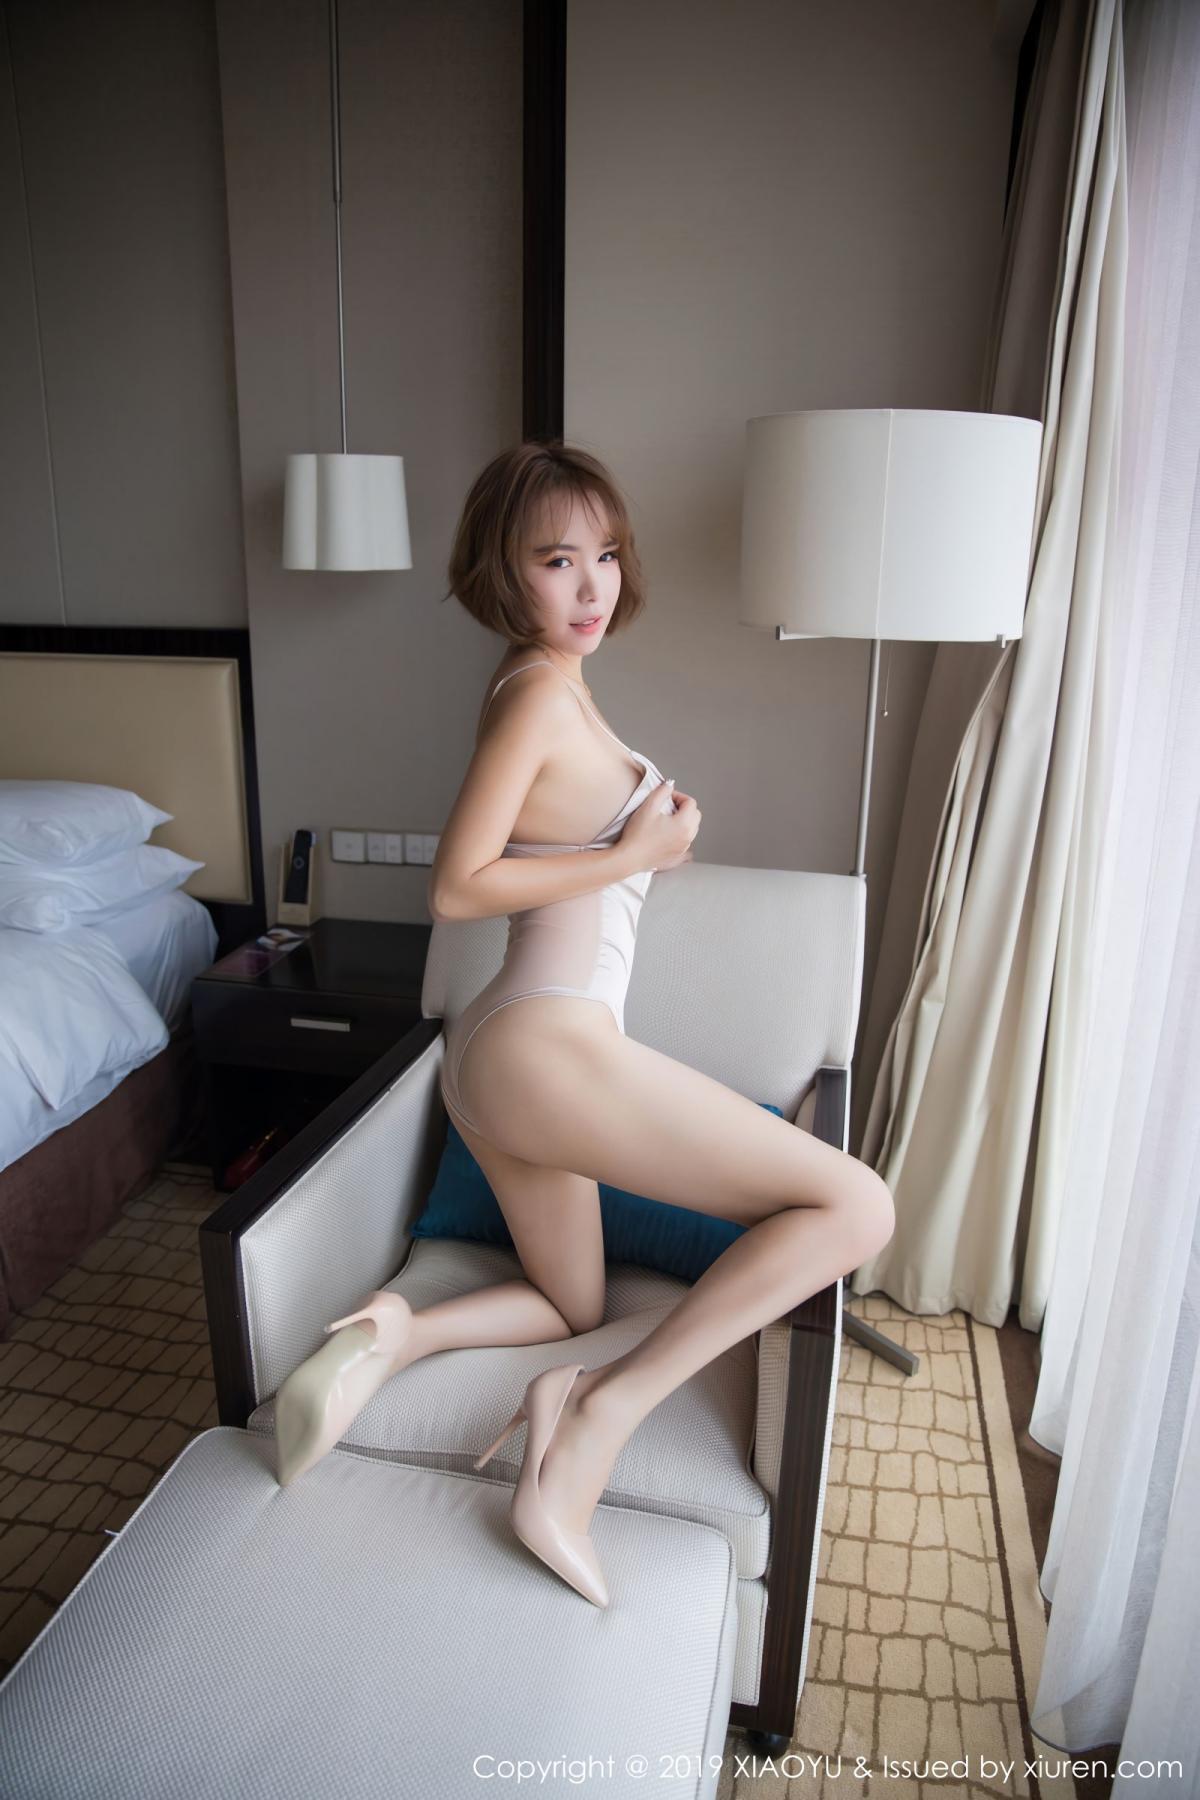 [XiaoYu] Vol.015 Chen Ya Wen 12P, Chen Ya Wen, Sexy, XiaoYu